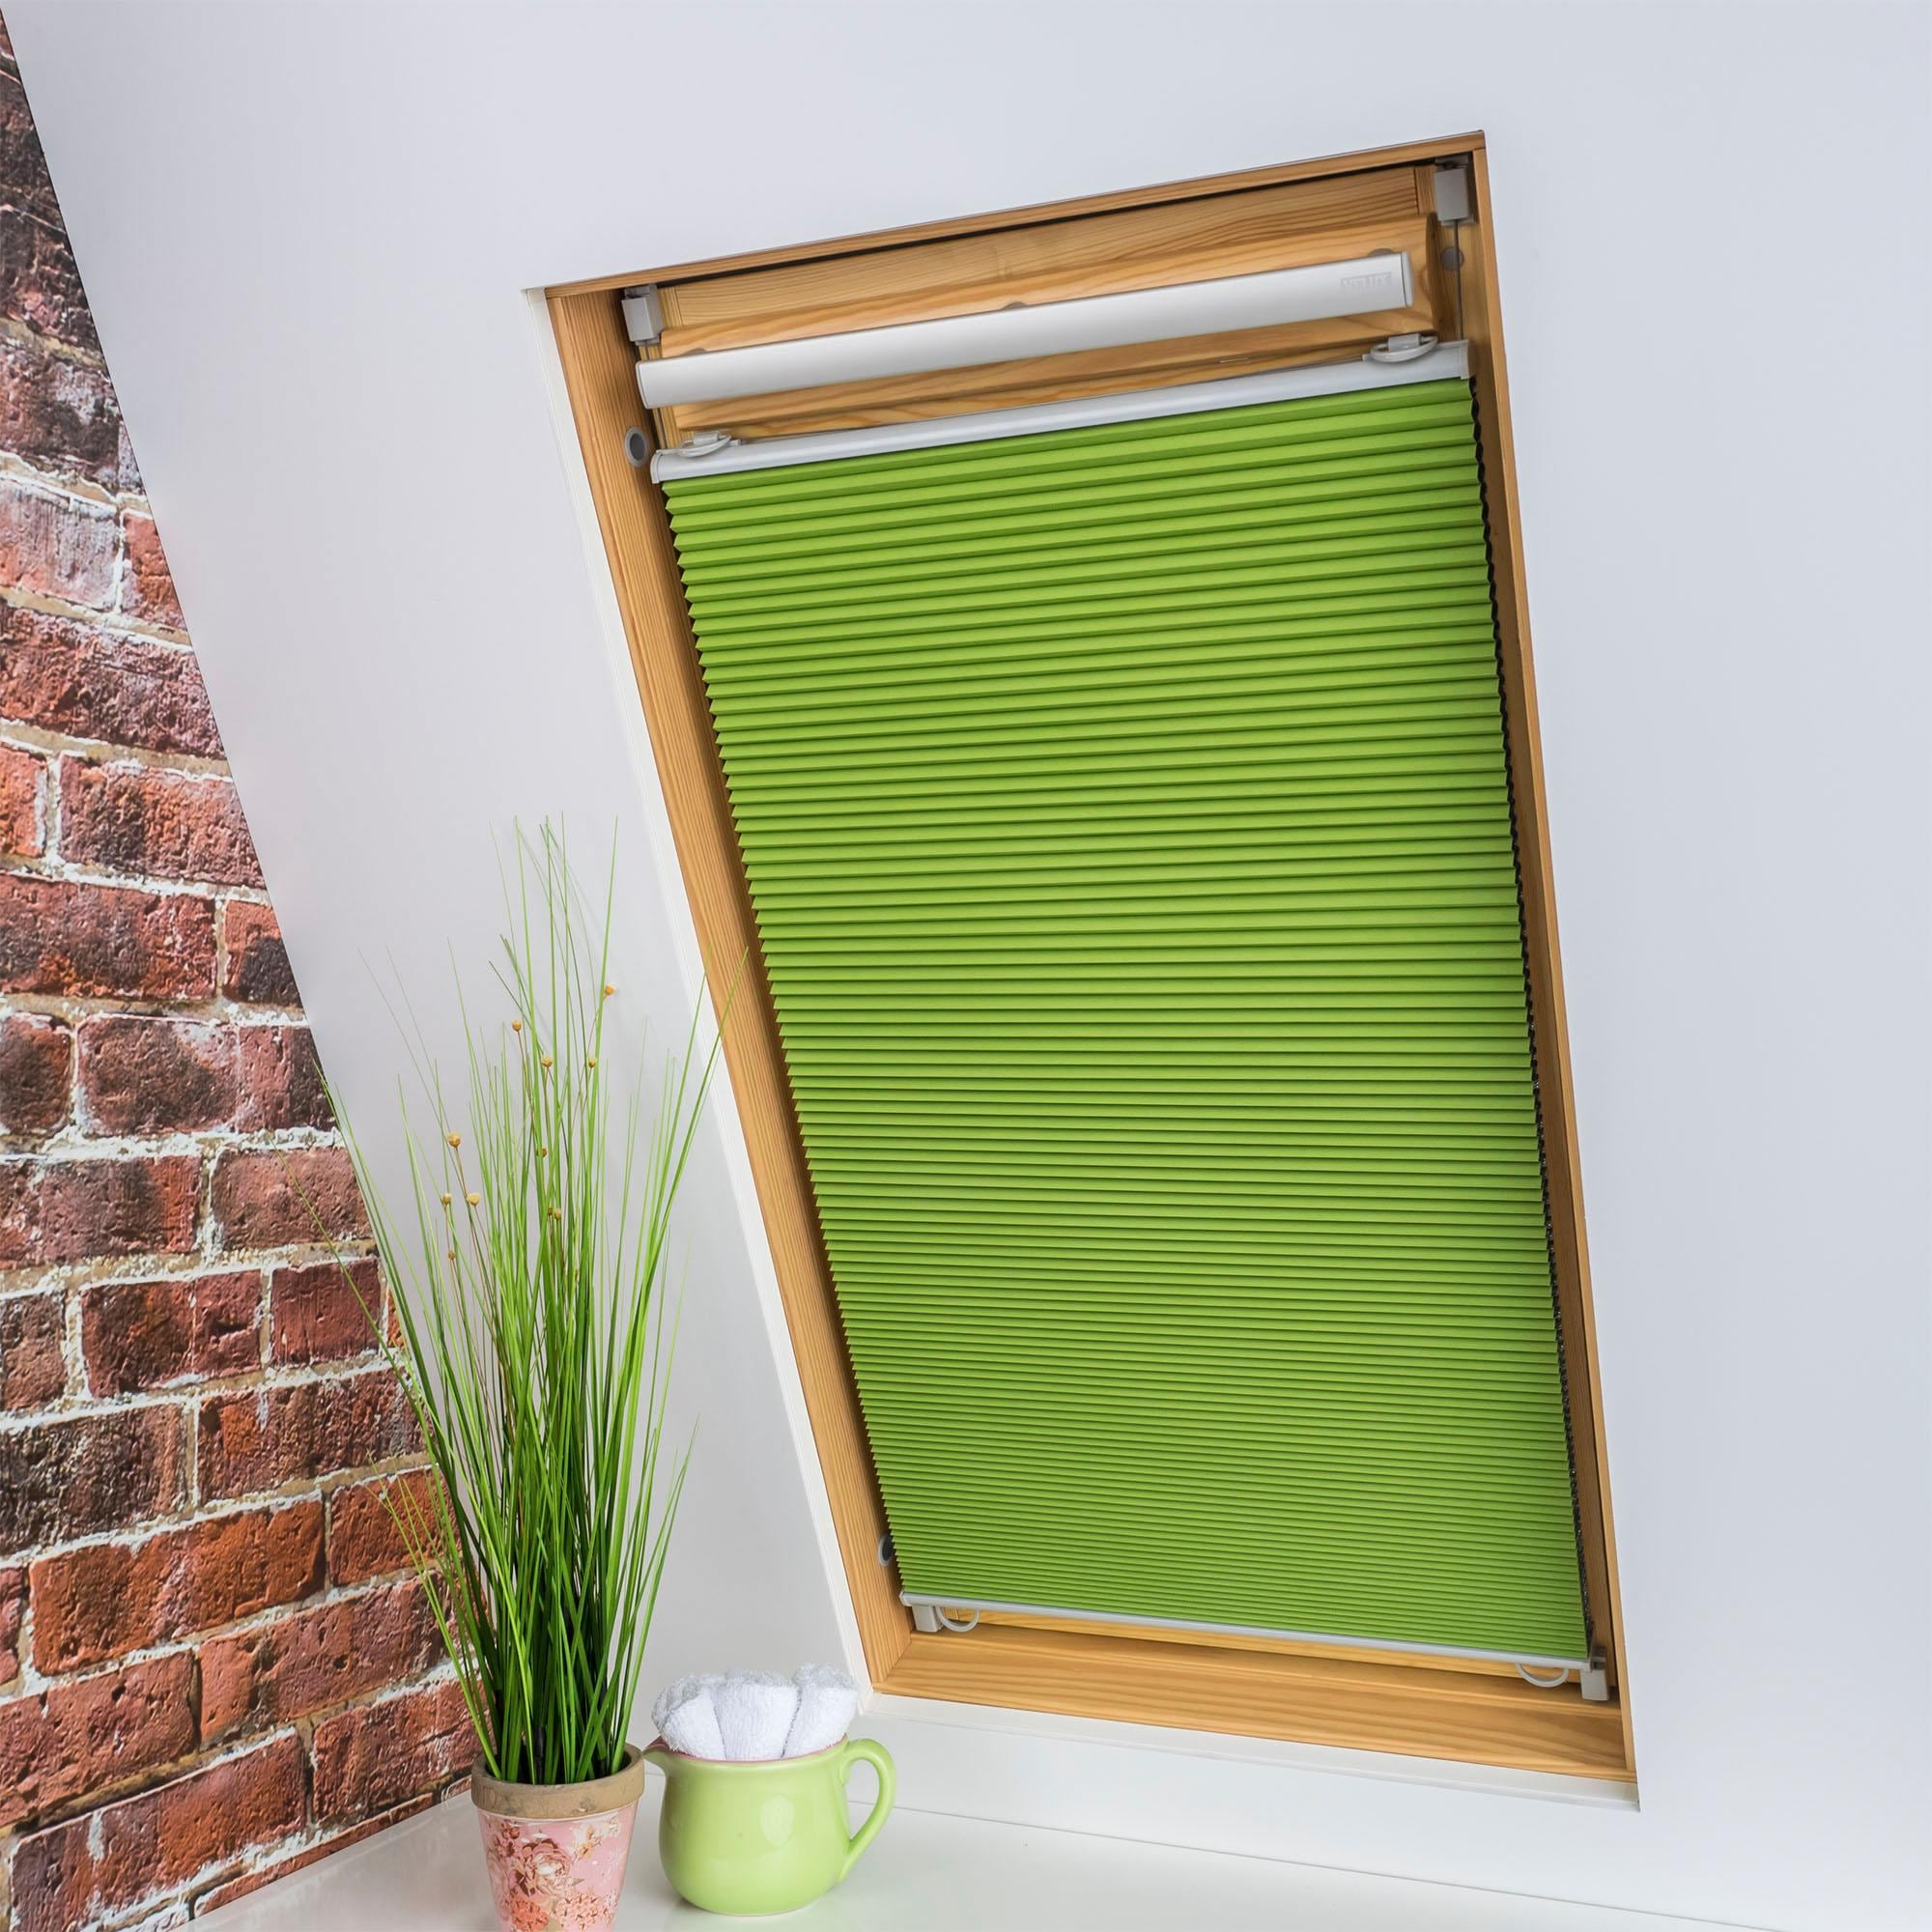 Liedeco Dachfensterplissee Universal Dachfenster-Plissee, Fixmaß grün Plissees ohne Bohren Rollos Jalousien Plissee